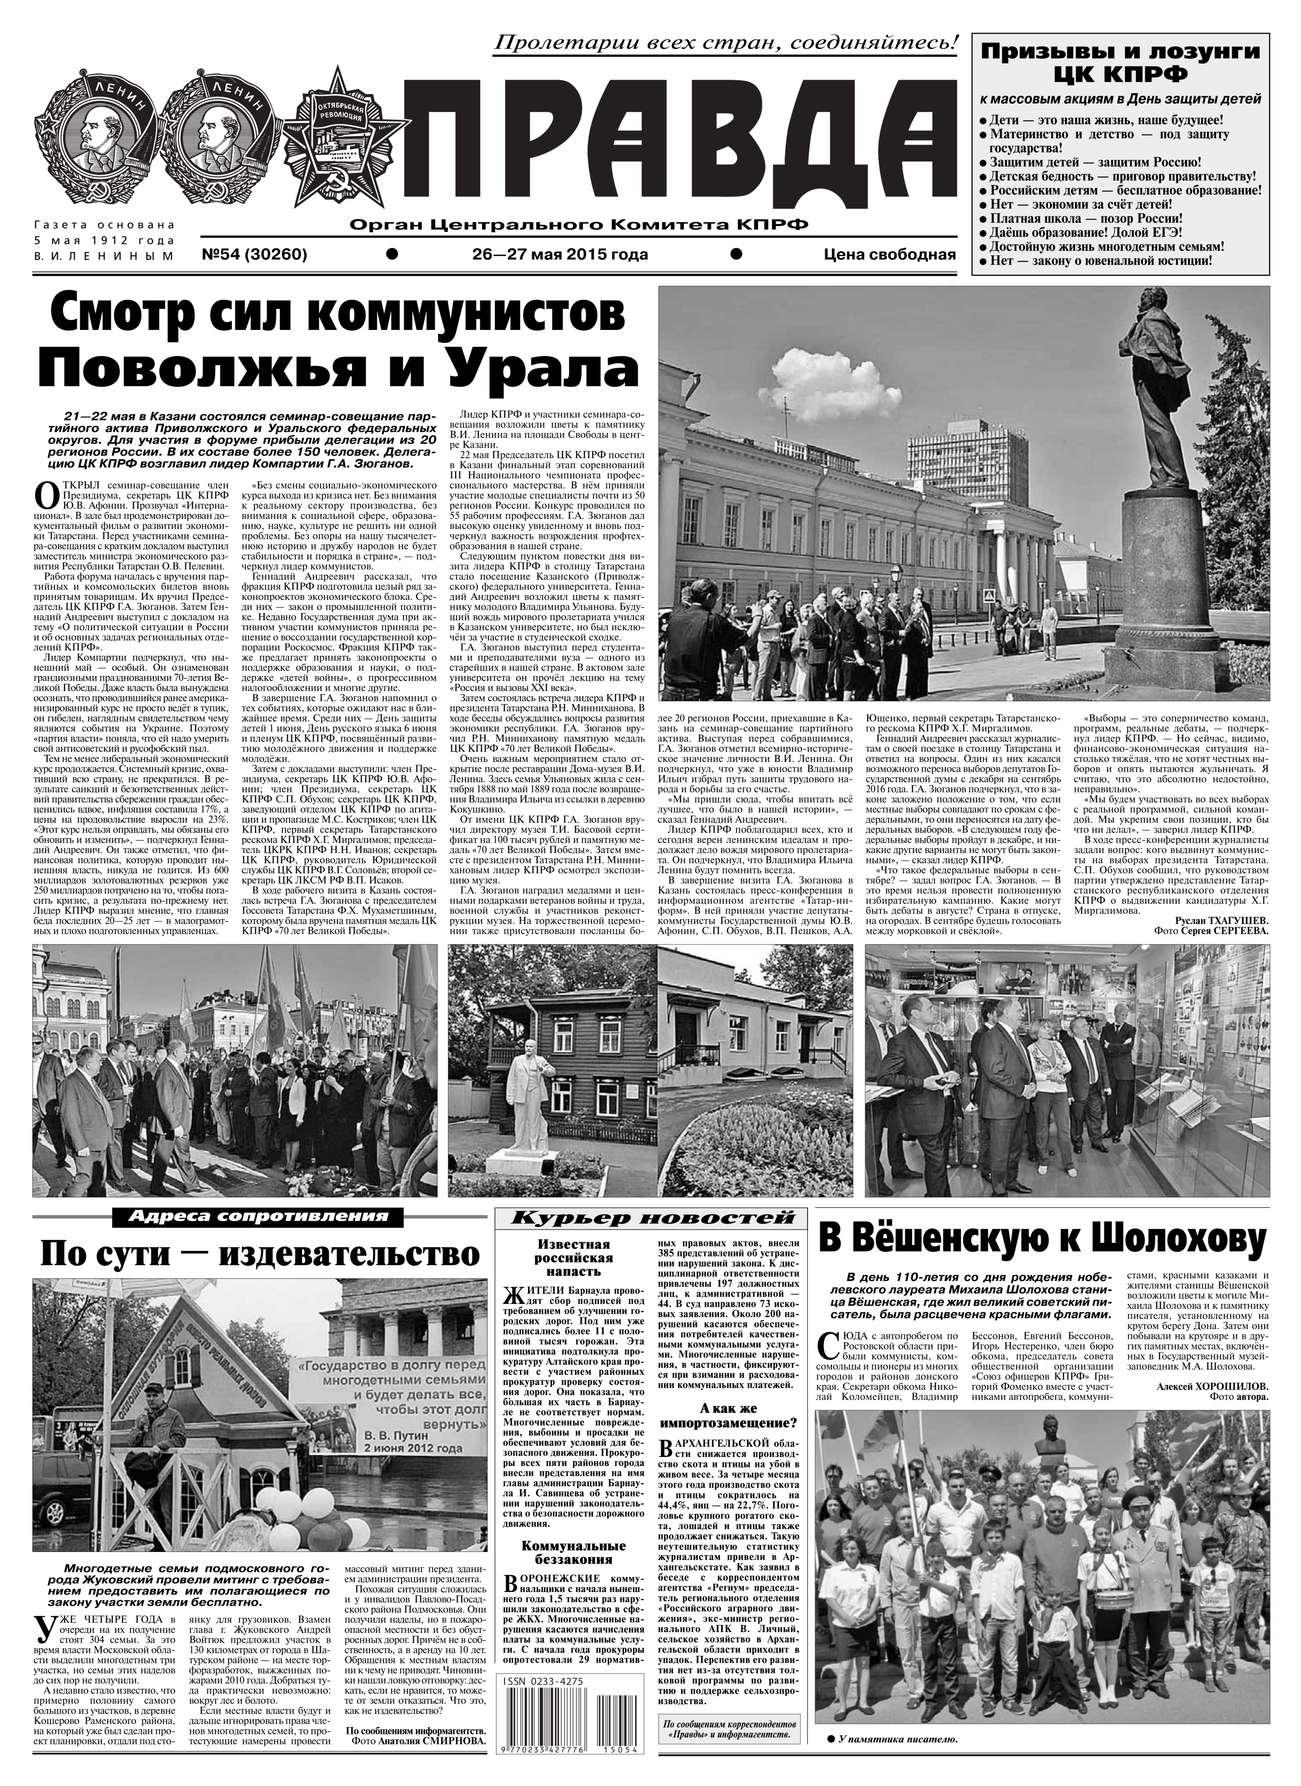 Редакция газеты Правда Правда 54-2015 редакция газеты правда правда 54 2015